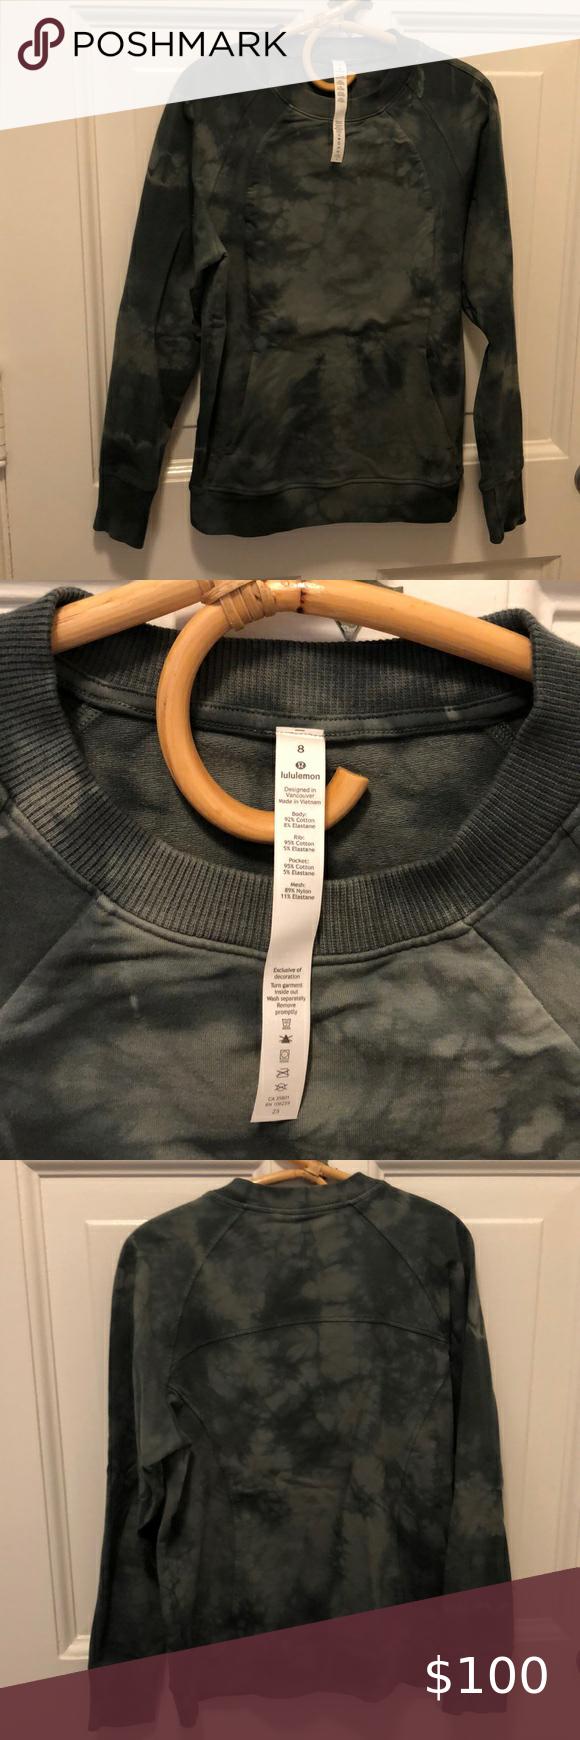 Lululemon Scuba Crew Shibori Tie Dye Ivy Green 8 Shibori Tie Dye Tie Dye Clothes Design [ 1740 x 580 Pixel ]